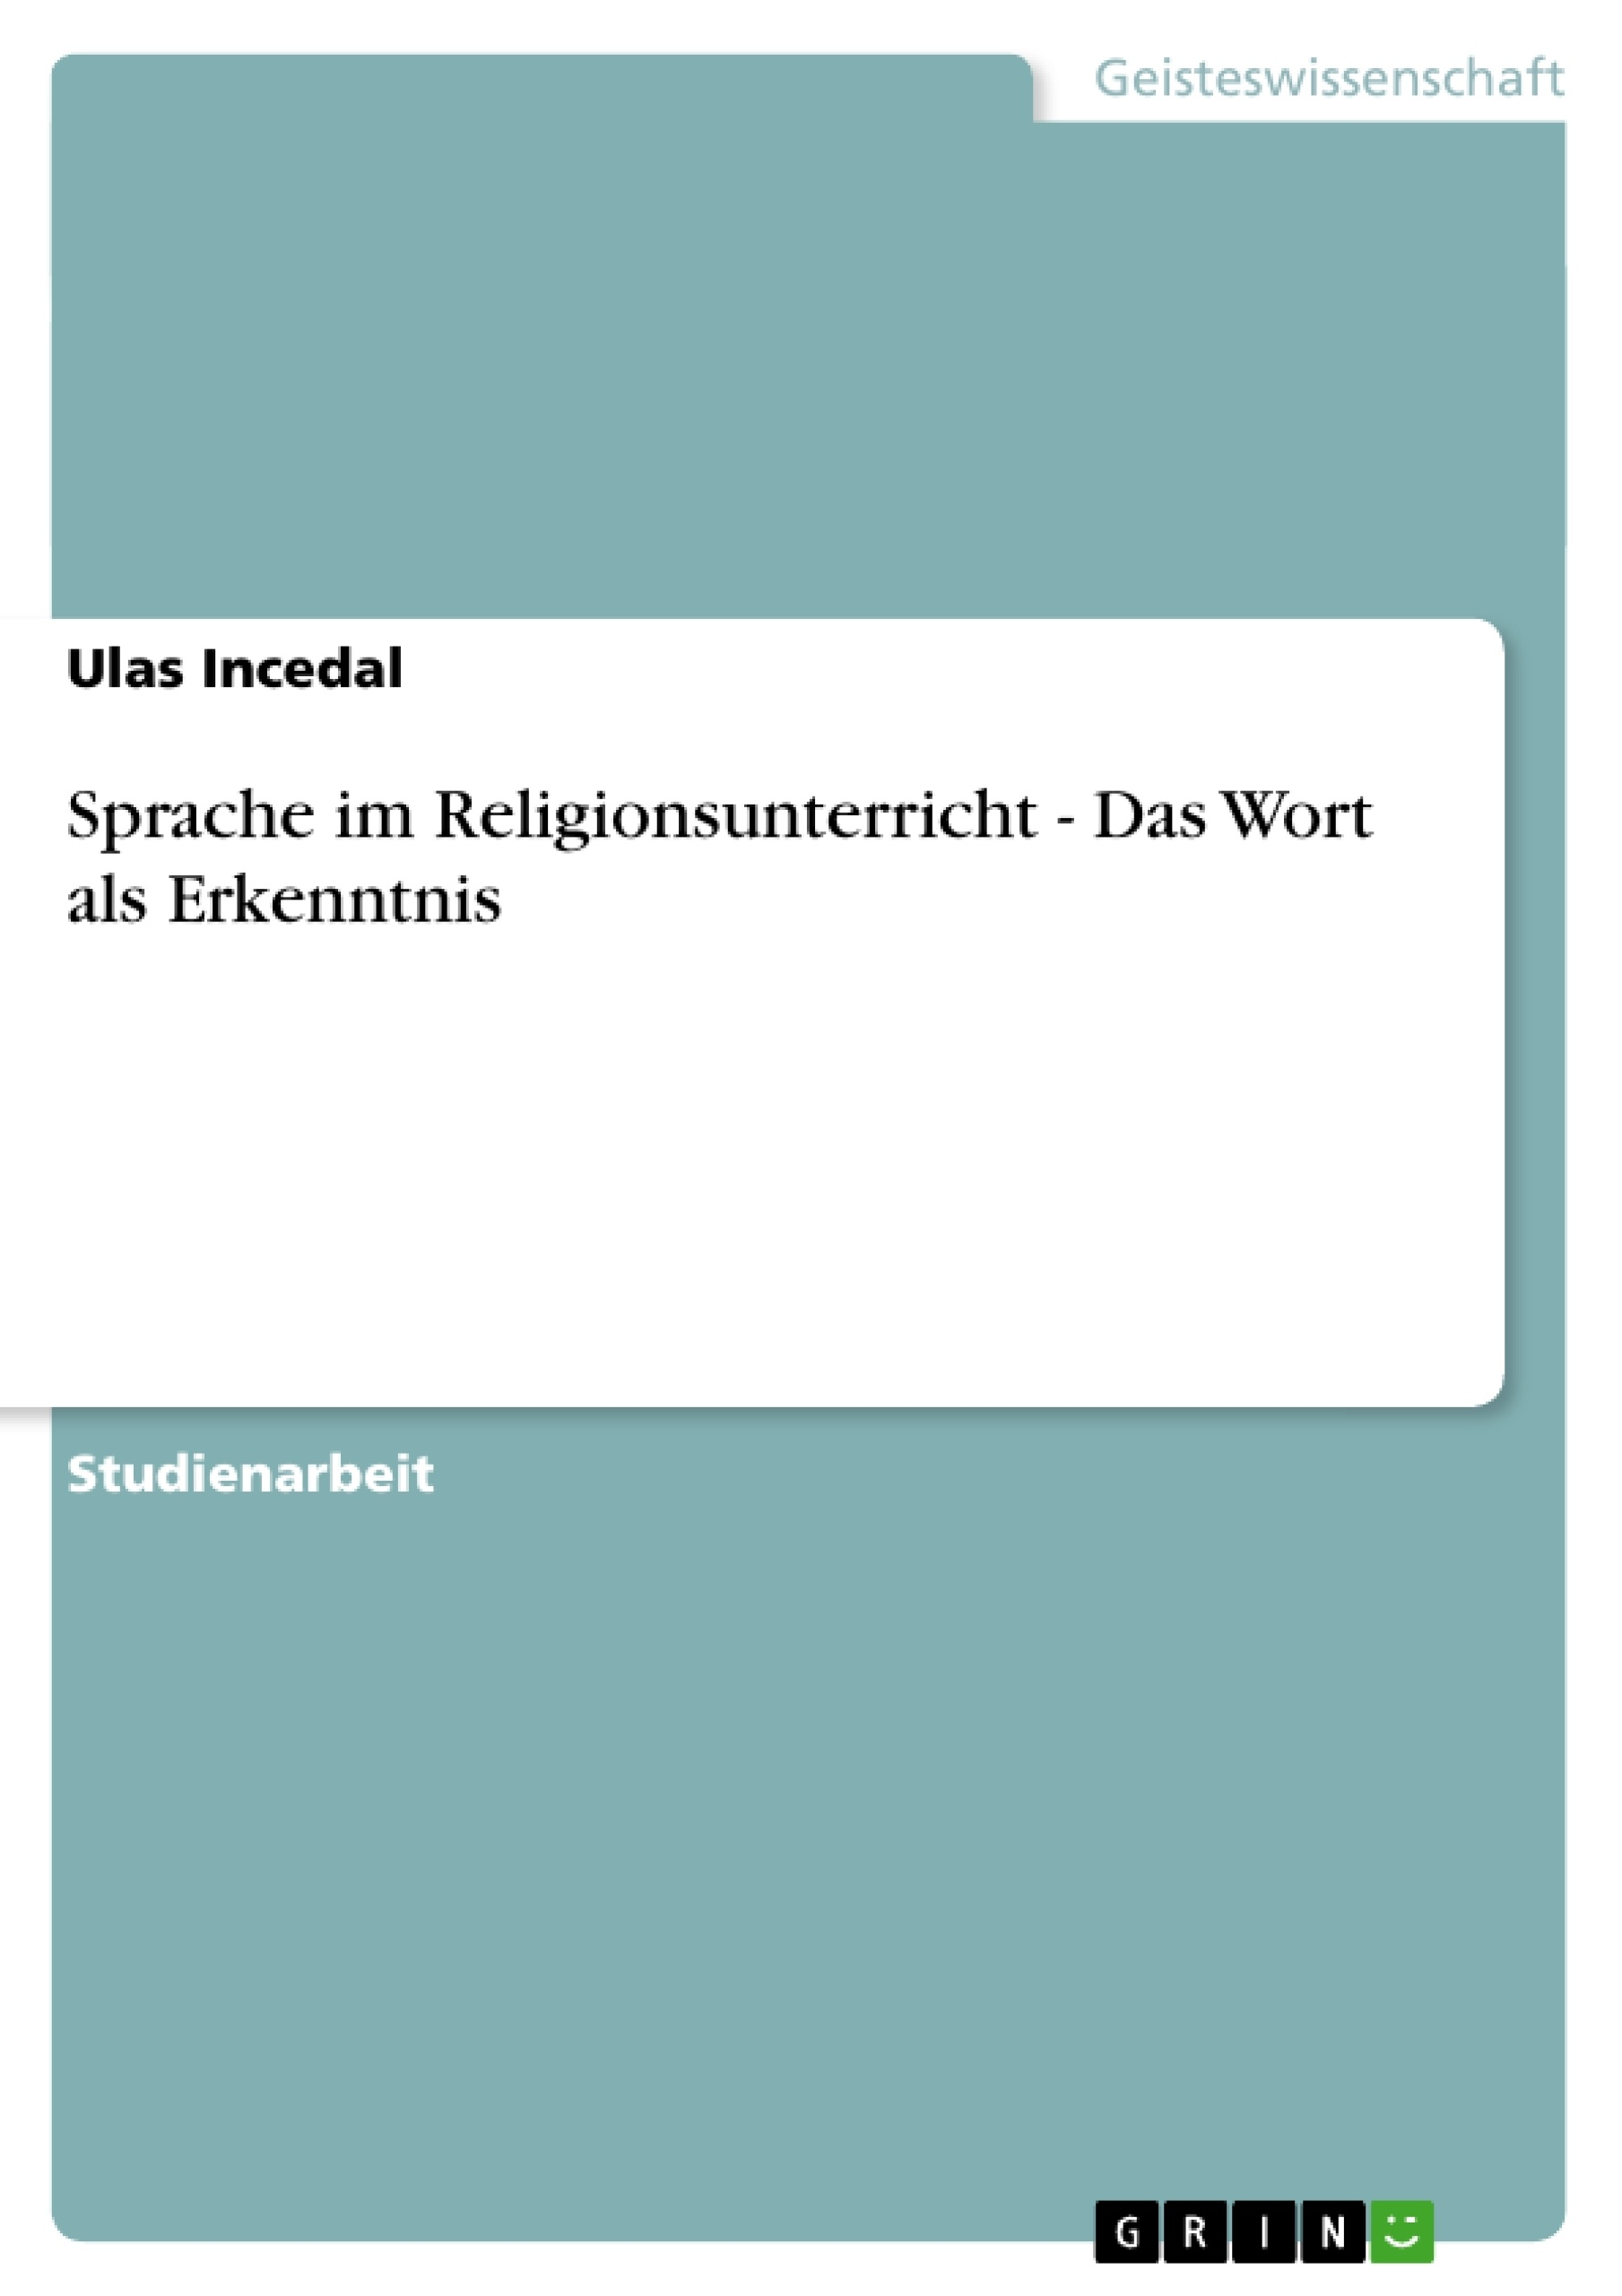 Titel: Sprache im Religionsunterricht - Das Wort als Erkenntnis